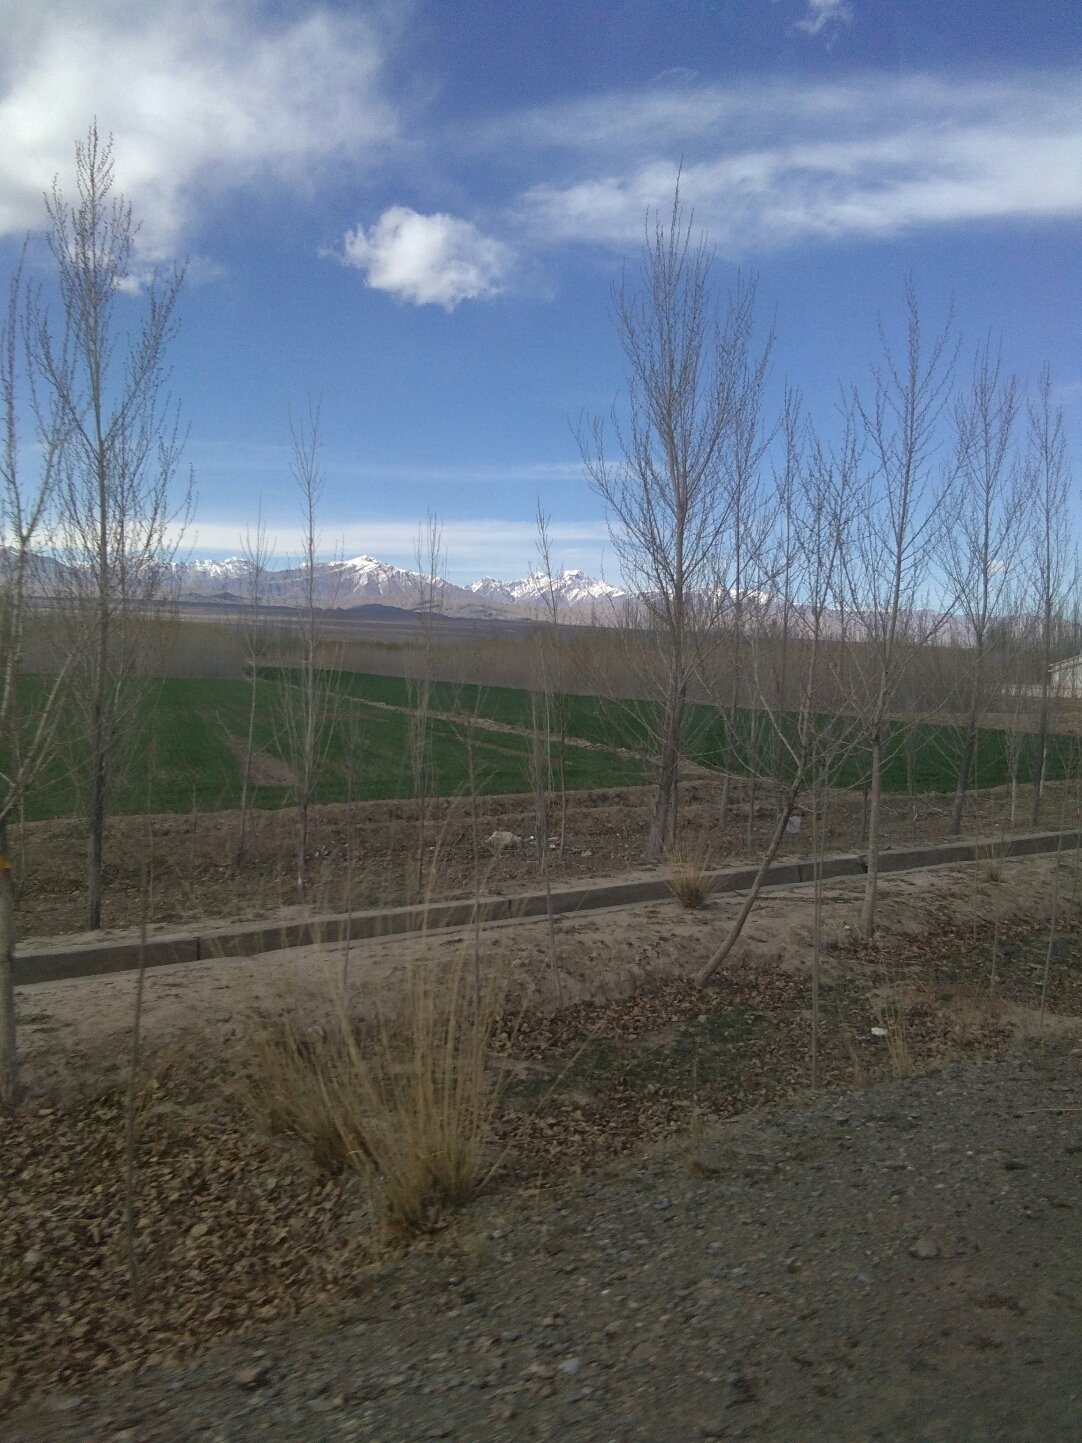 新疆维吾尔自治区克孜勒苏柯尔克孜自治州阿合奇县407县道靠近阿克特克提尔村天气预报